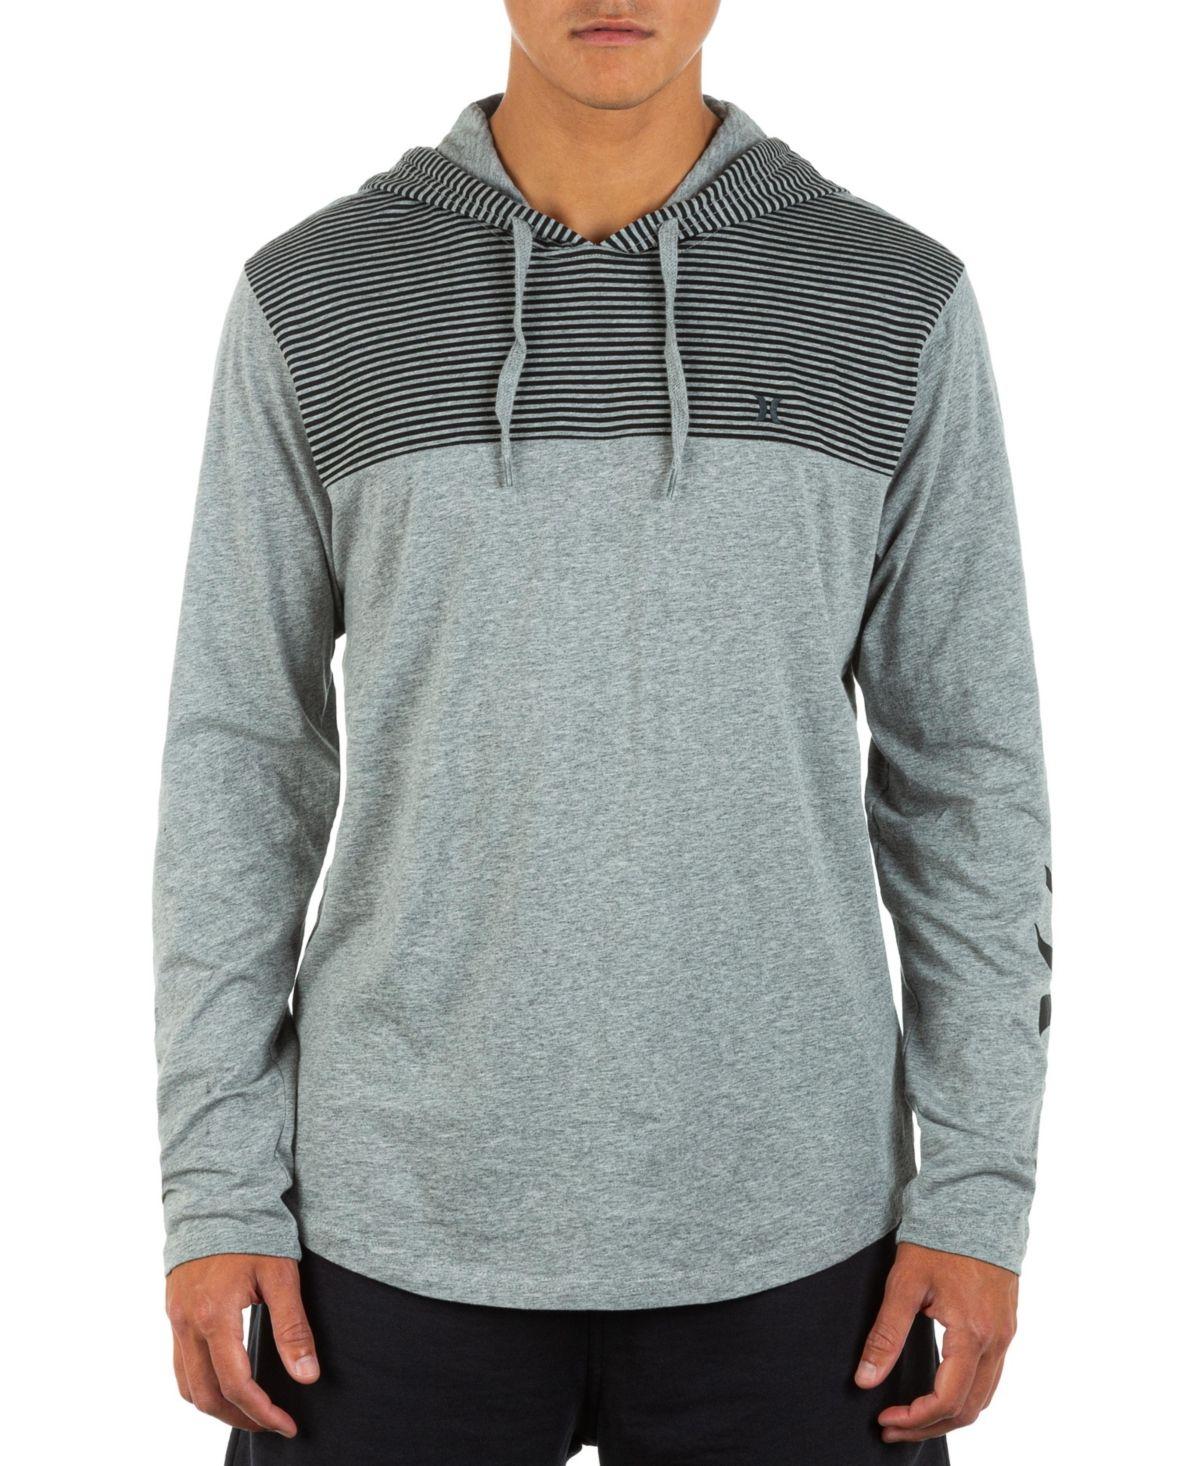 Hurley Men S Oao Blocked Long Sleeve Hoodie Reviews Hoodies Sweatshirts Men Macy S Hoodies Long Sleeve Hoodie Mens Clothing Styles [ 1466 x 1200 Pixel ]